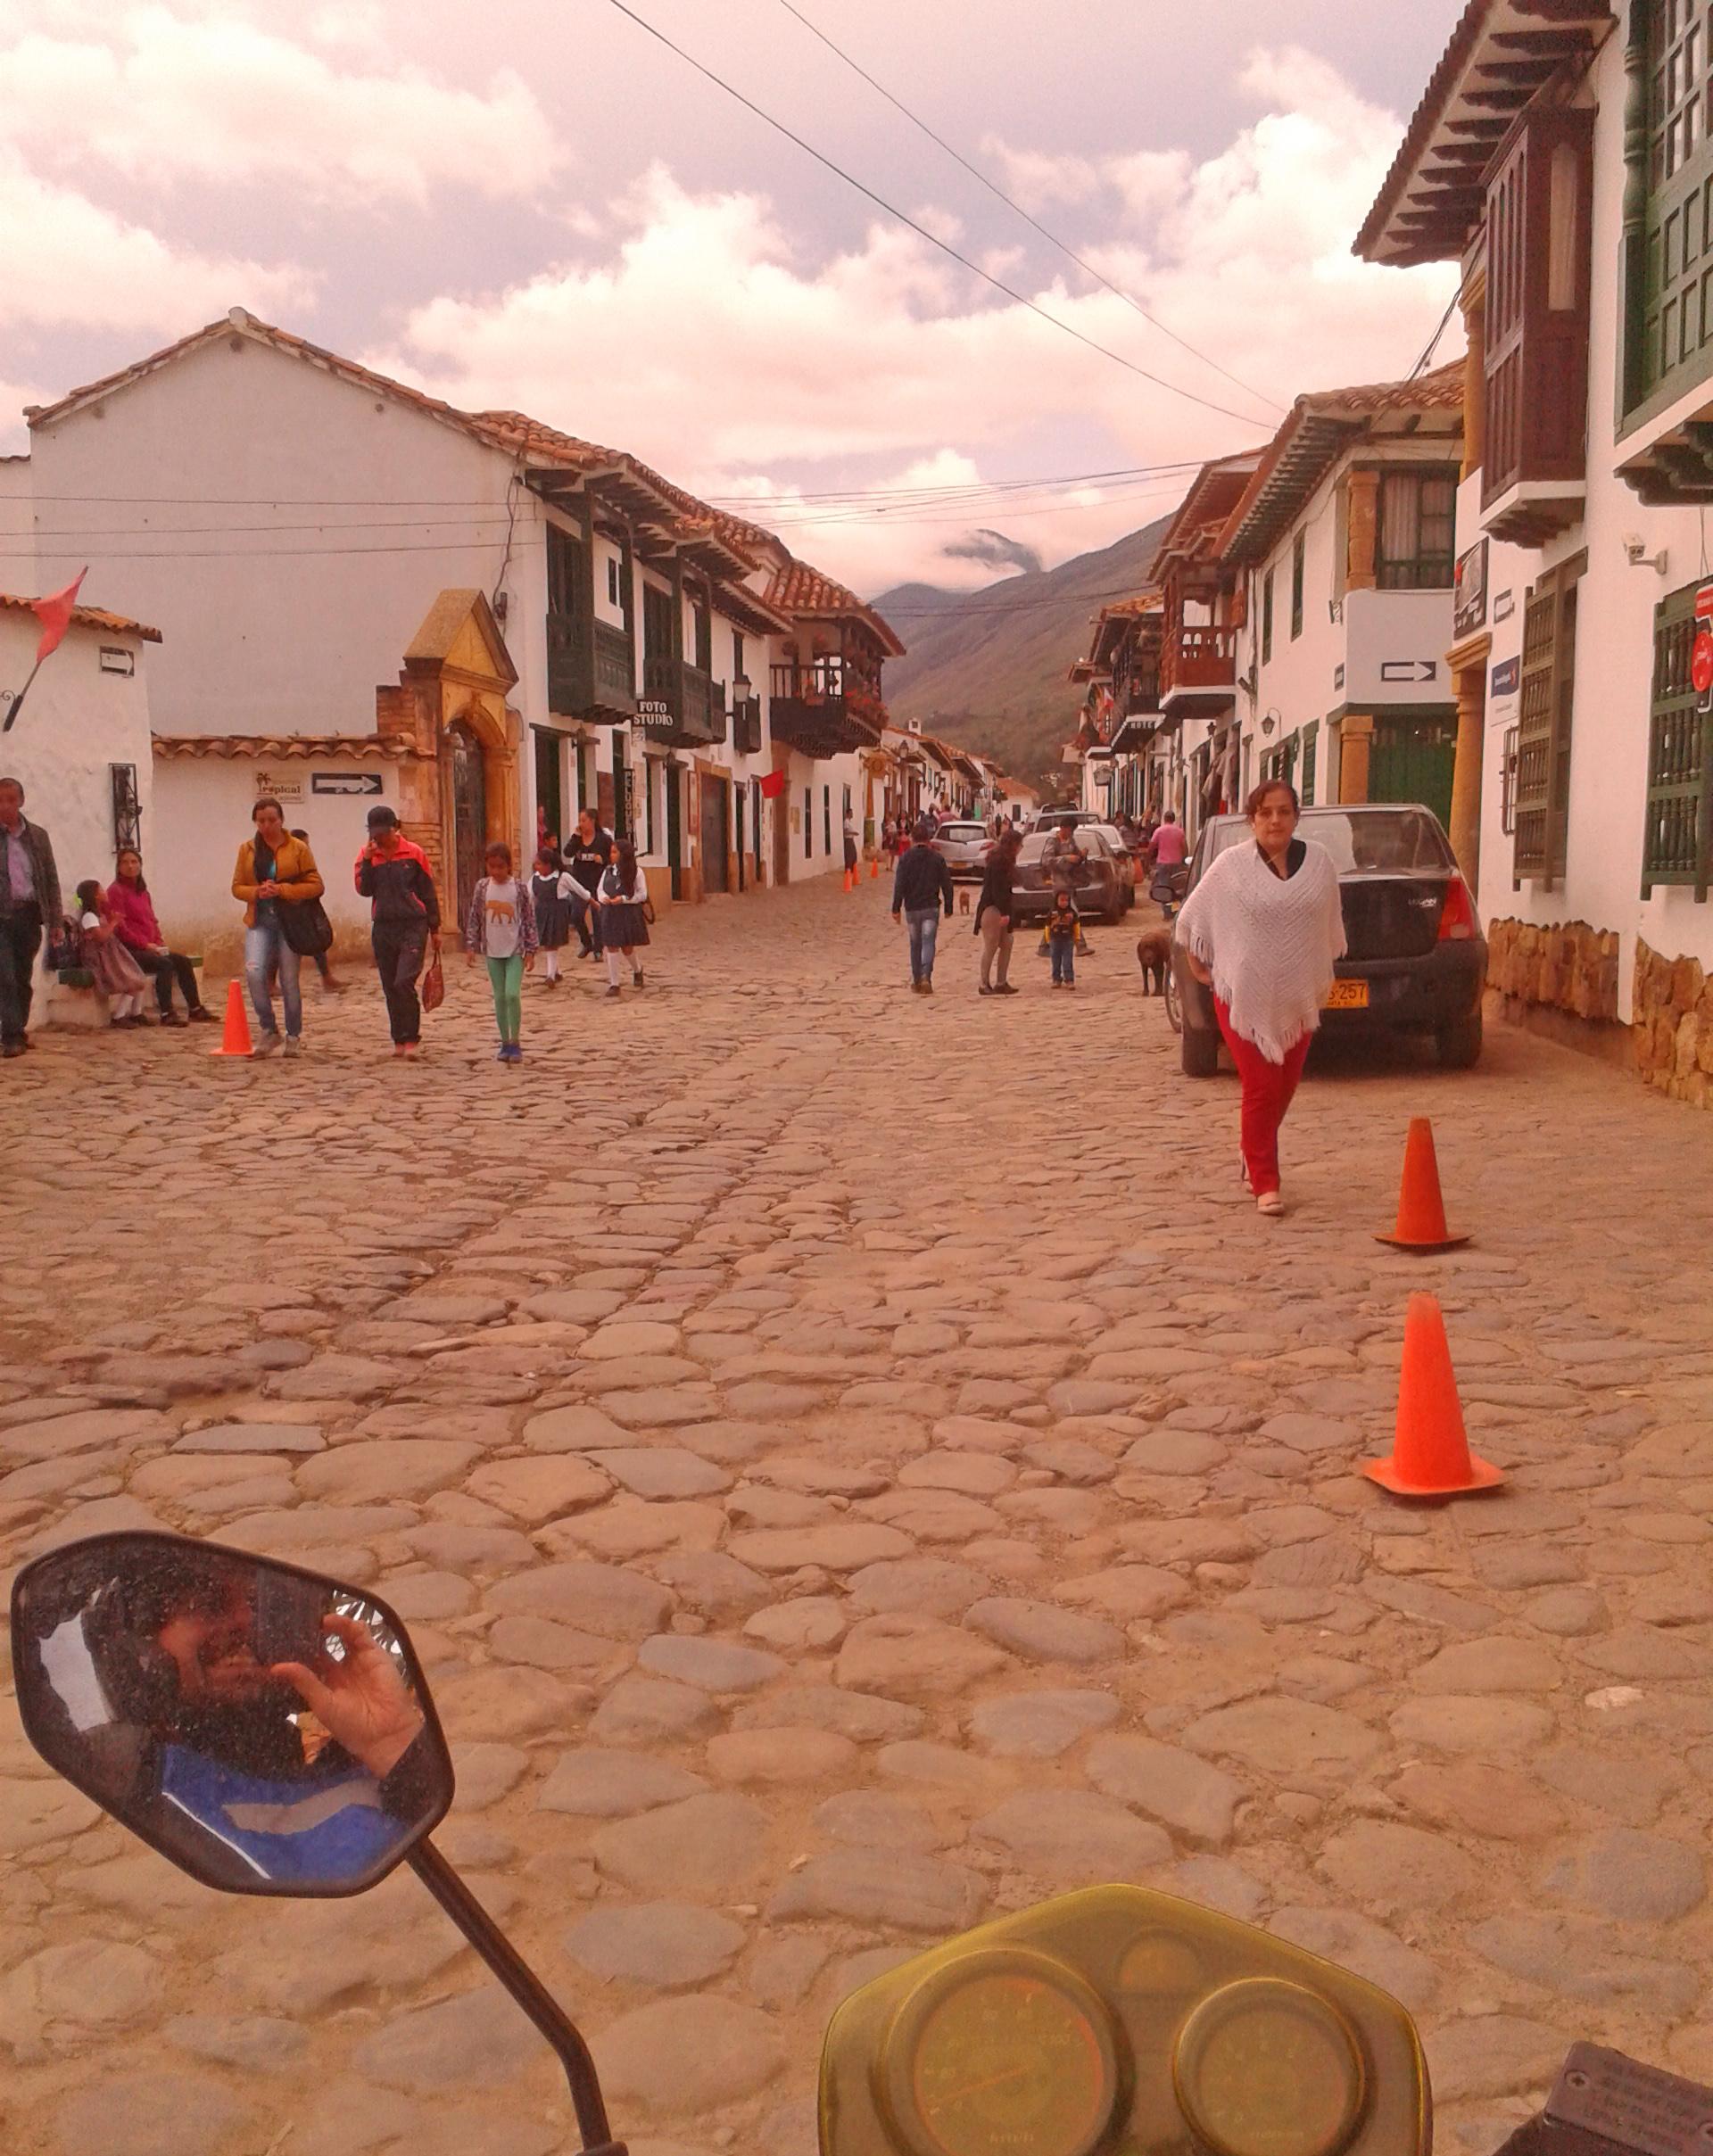 arrivo a villa de leyva colombia viaggio in moto.jpg